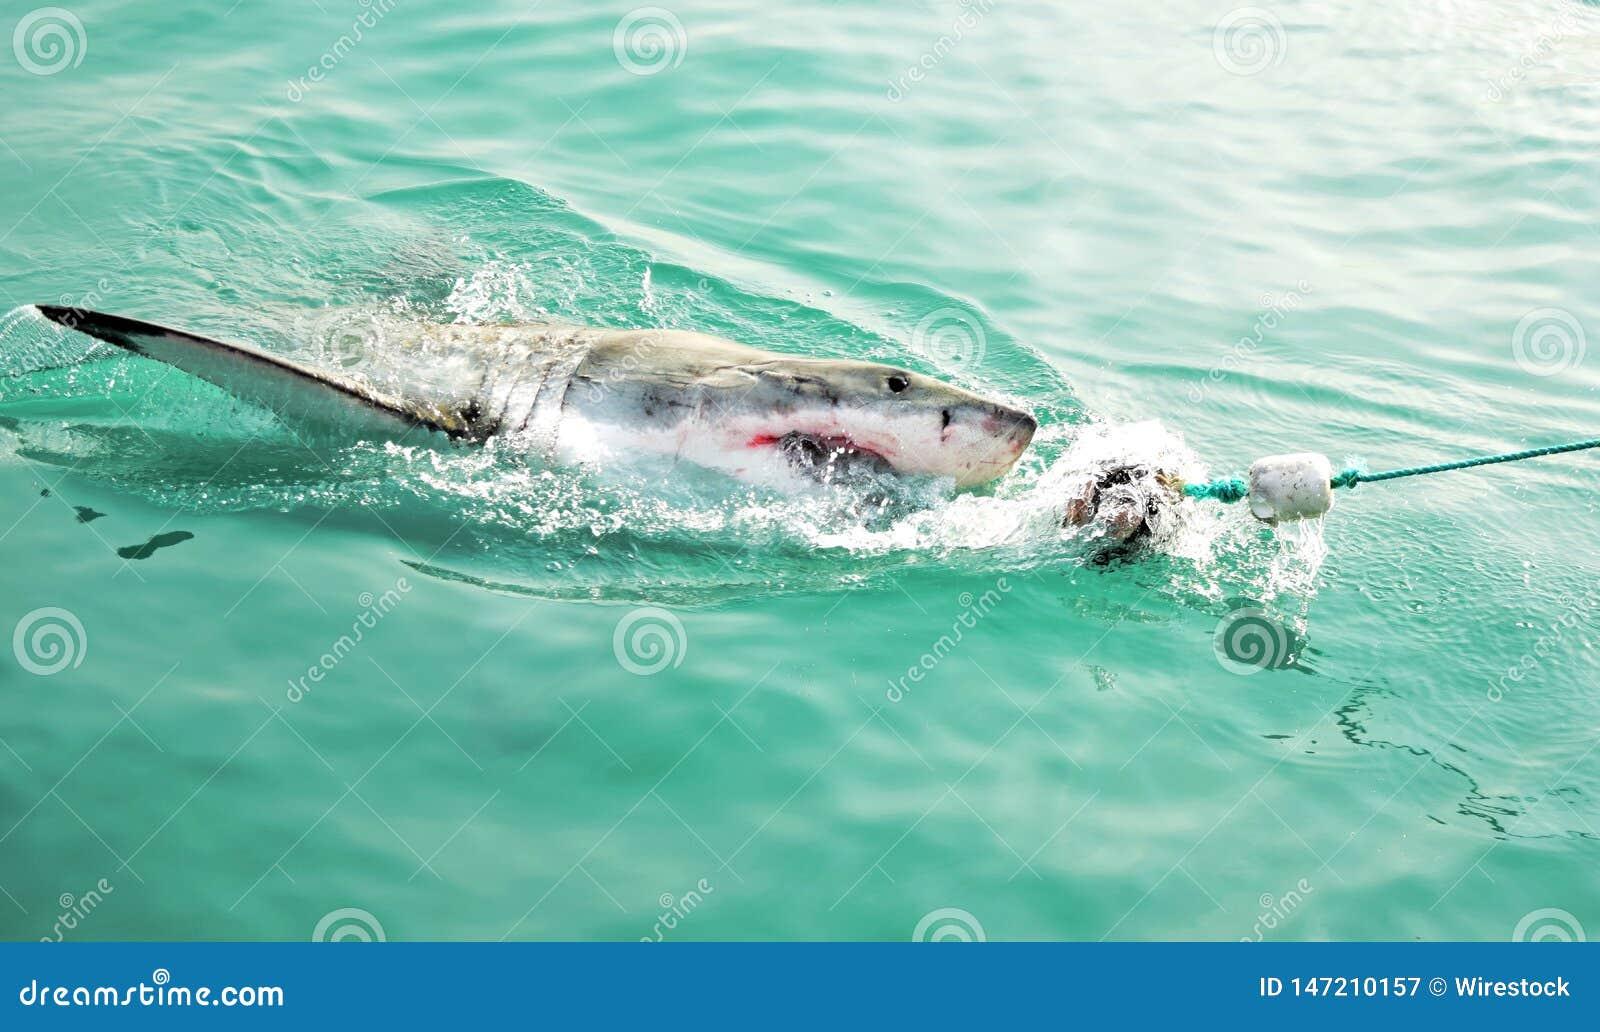 Μεγάλος άσπρος καρχαρίας που χαράζει ένα θέλγητρο κρέατος και που παραβιάζει την επιφάνεια θάλασσας